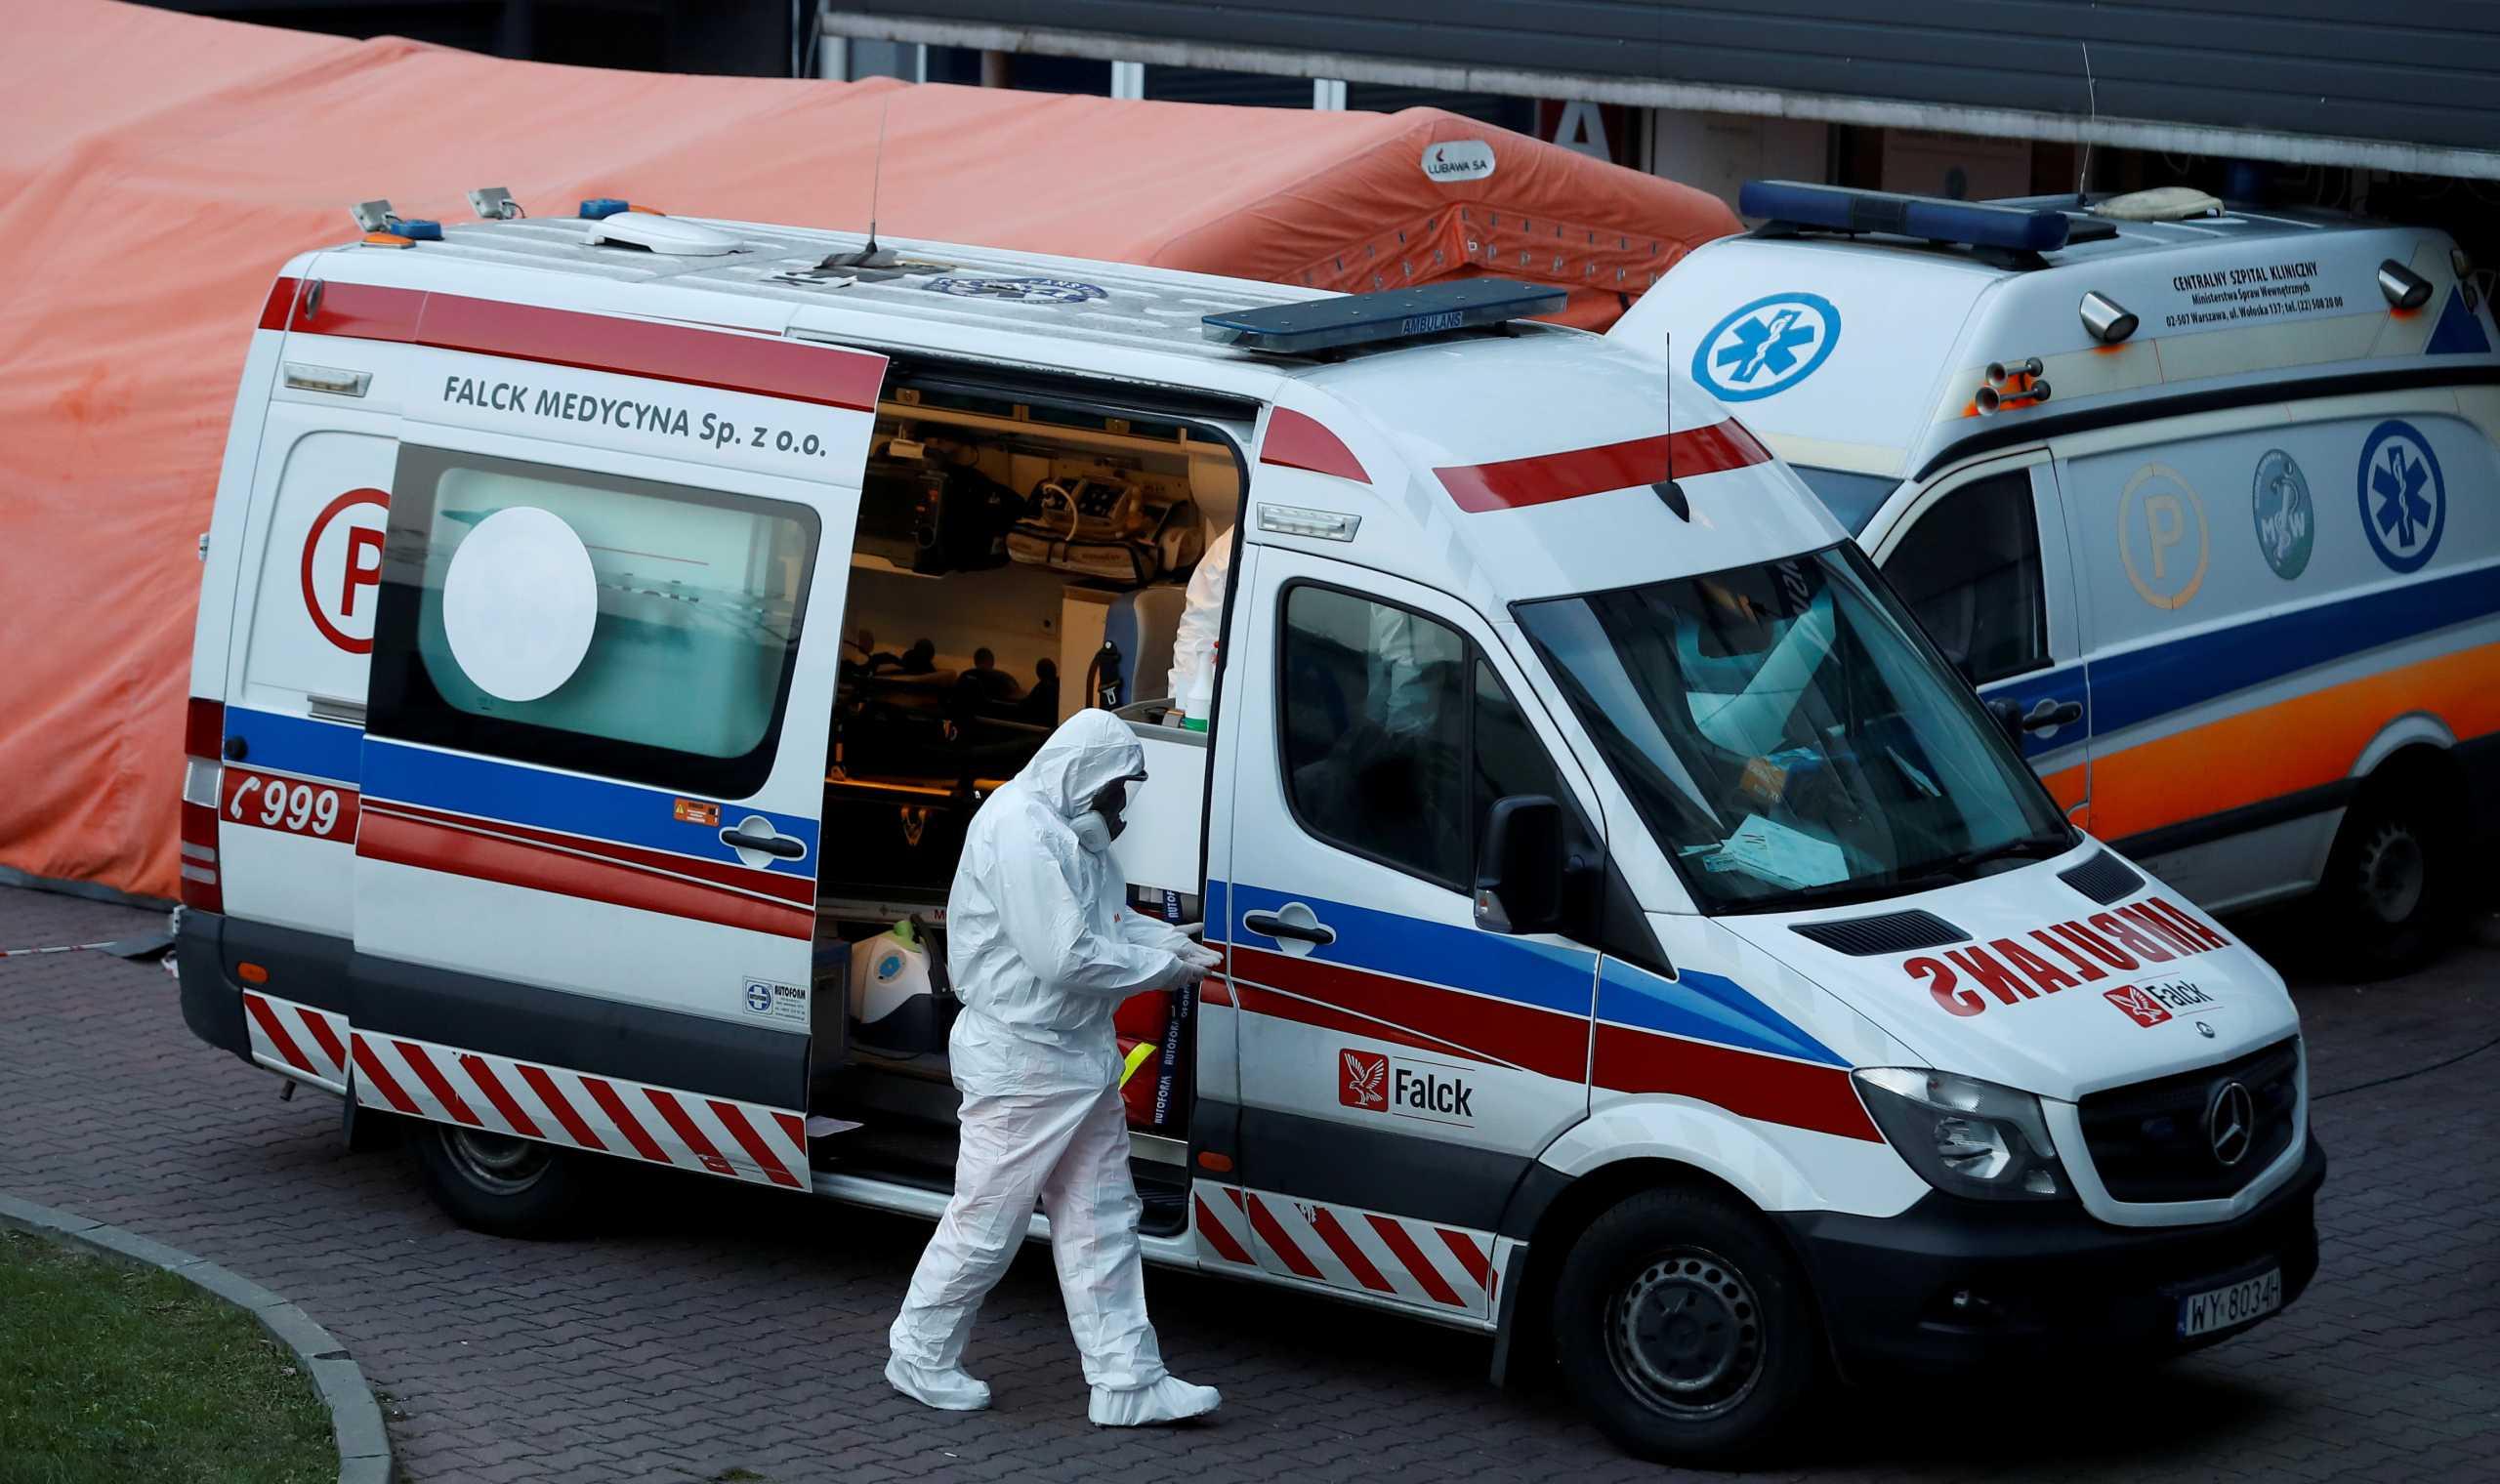 Πολωνία: Σοκ με 653 θανάτους από κορονοϊό το τελευταίο 24ωρο